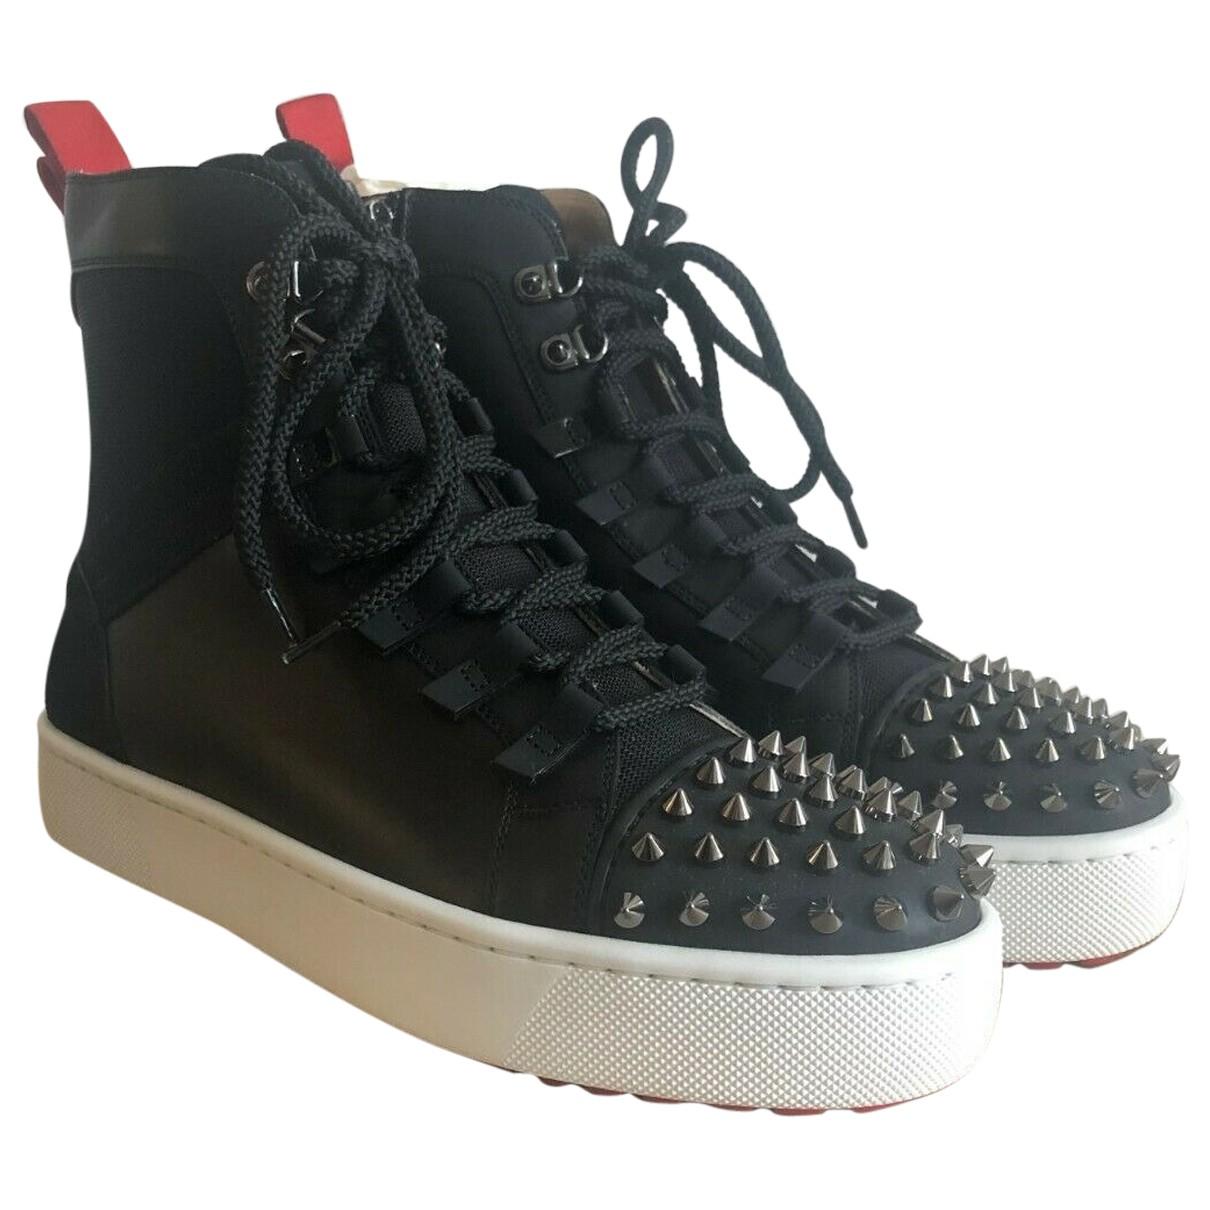 Christian Louboutin - Baskets   pour homme en cuir - noir